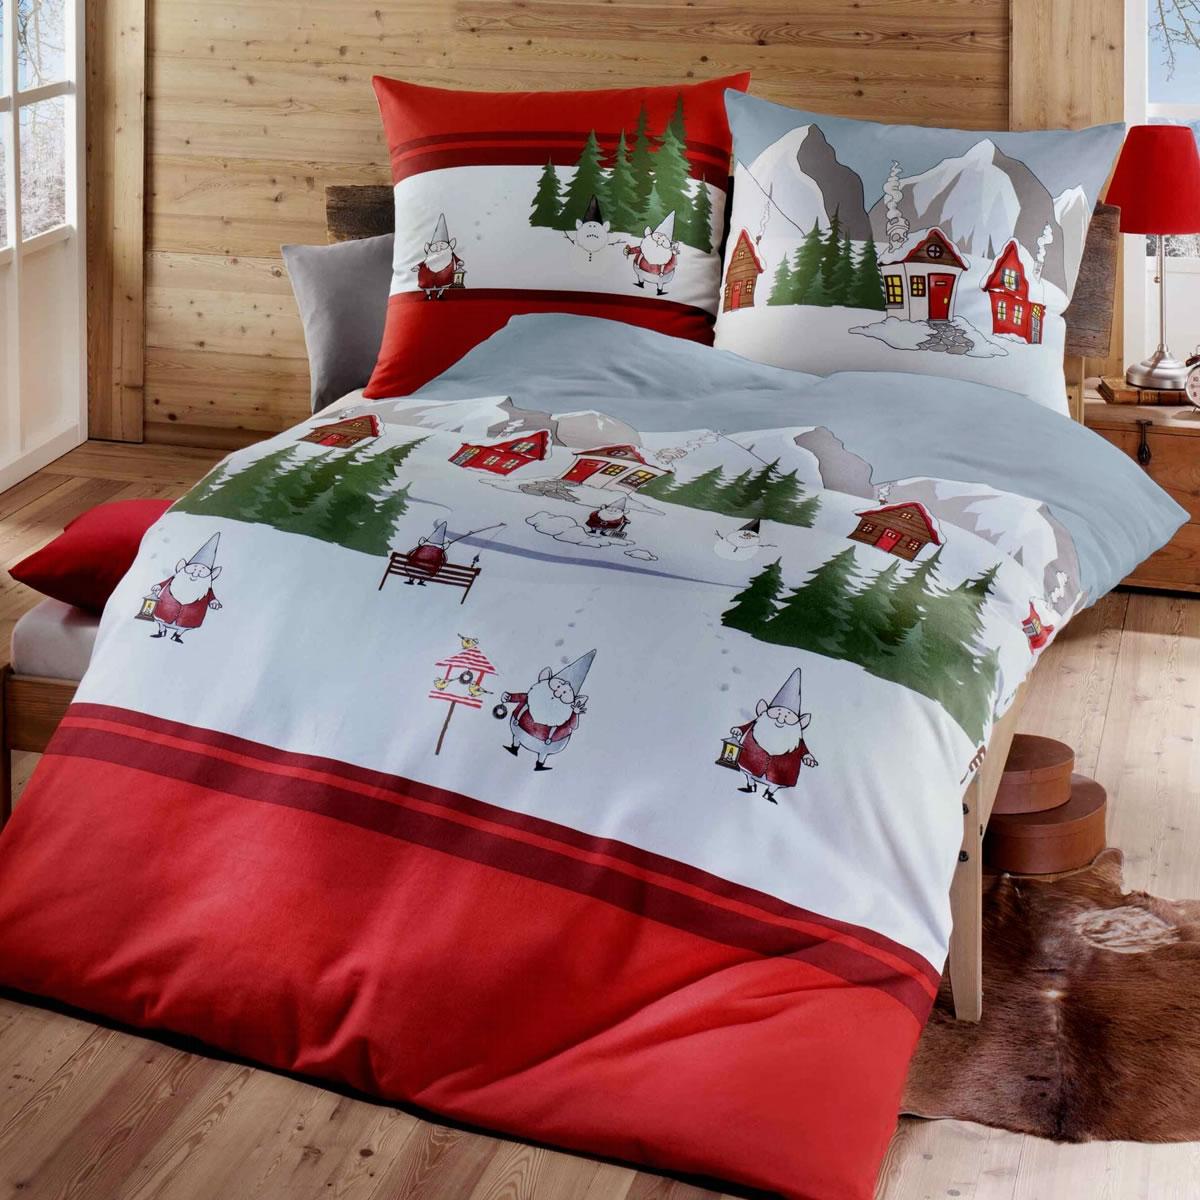 Kaeppel Biber Bettwäsche 135x200 Cm Design 7652 Wichtel Rot Winter